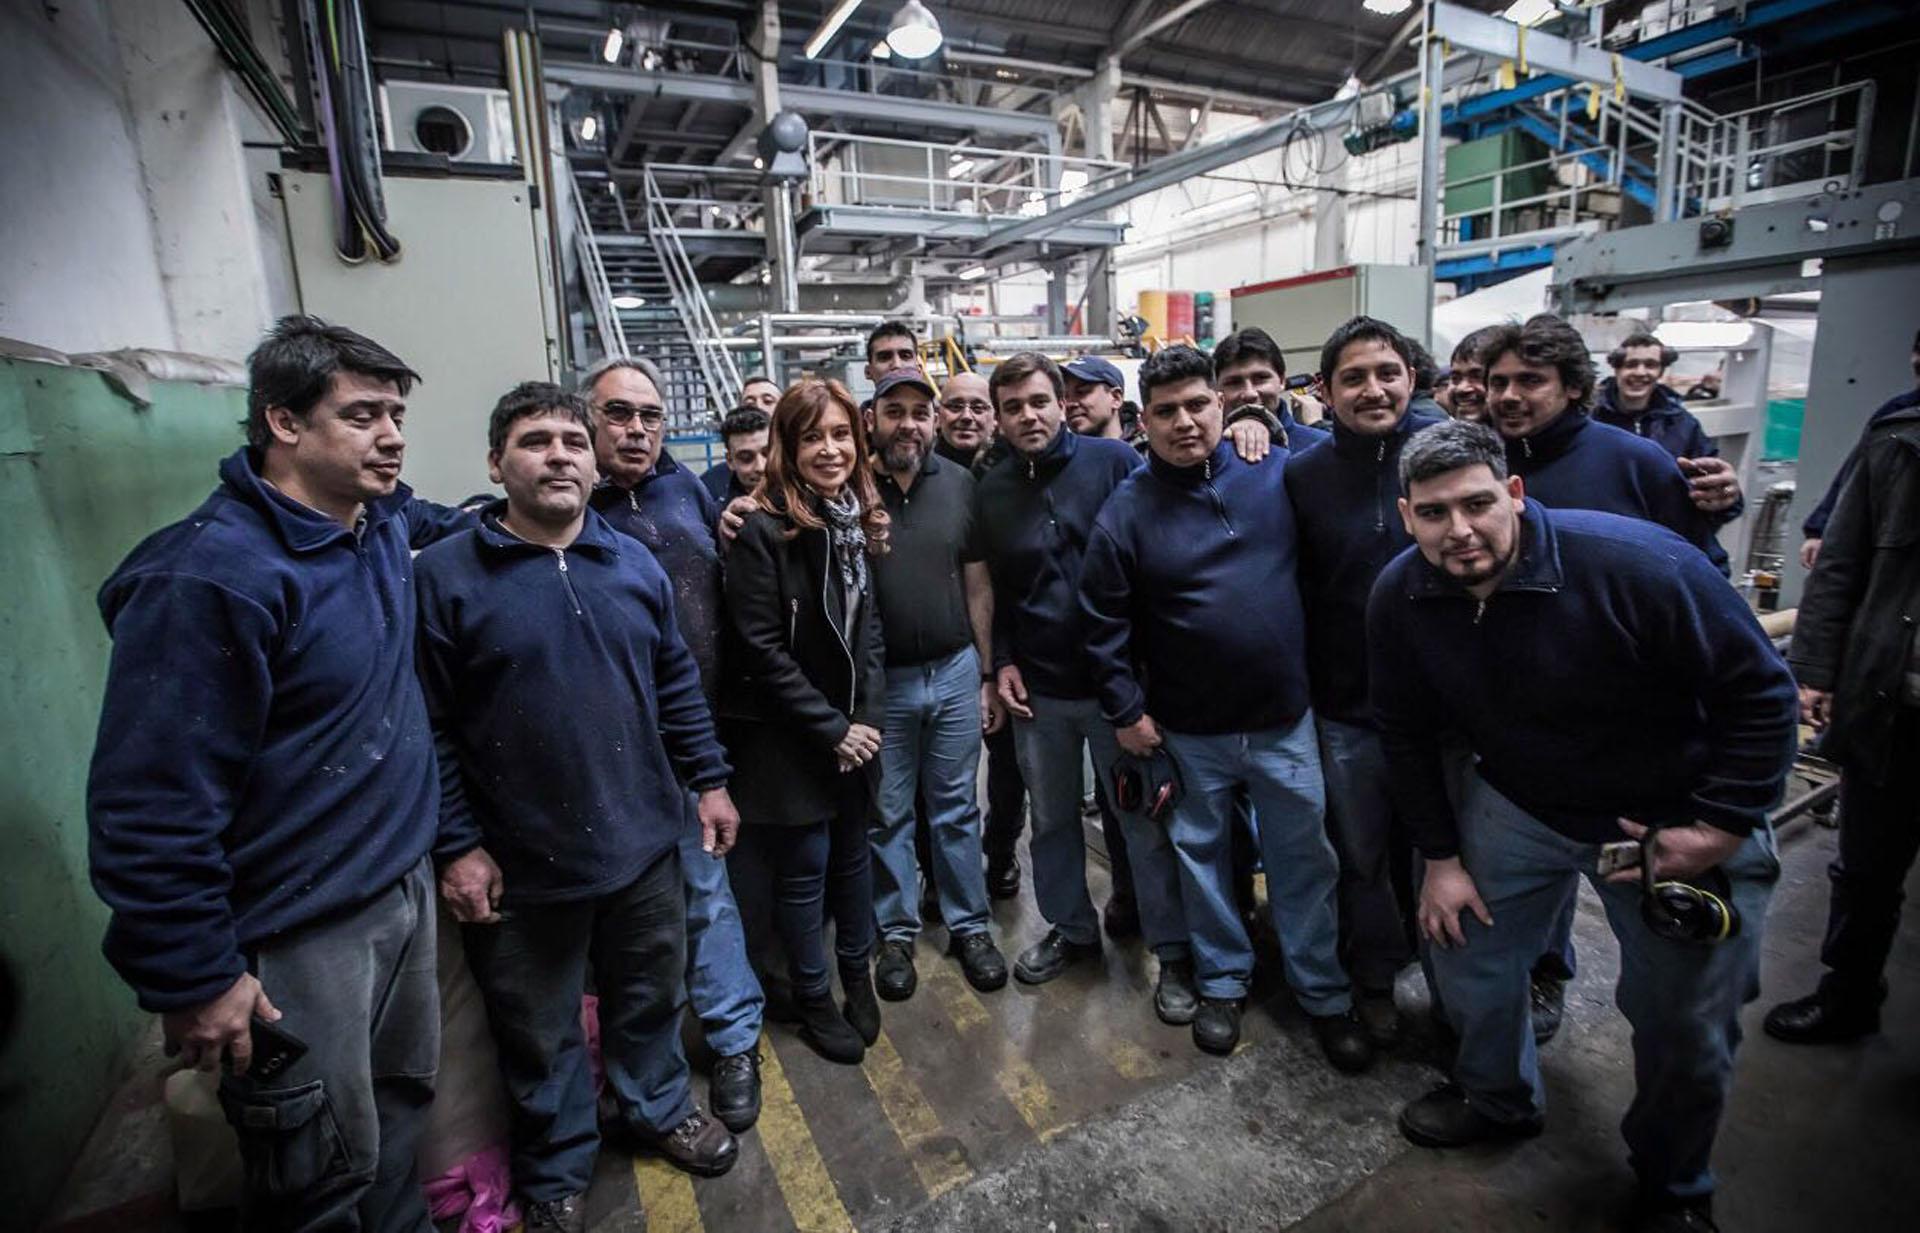 La candidata a senadora por Unidad Ciudadana, Cristina Kirchner, se mantuvo alejada de las cámaras y con un perfil bajo en cuánto a la vestimenta sin joyas ni colores estridentes, como solía hacer en su mandato presidencial